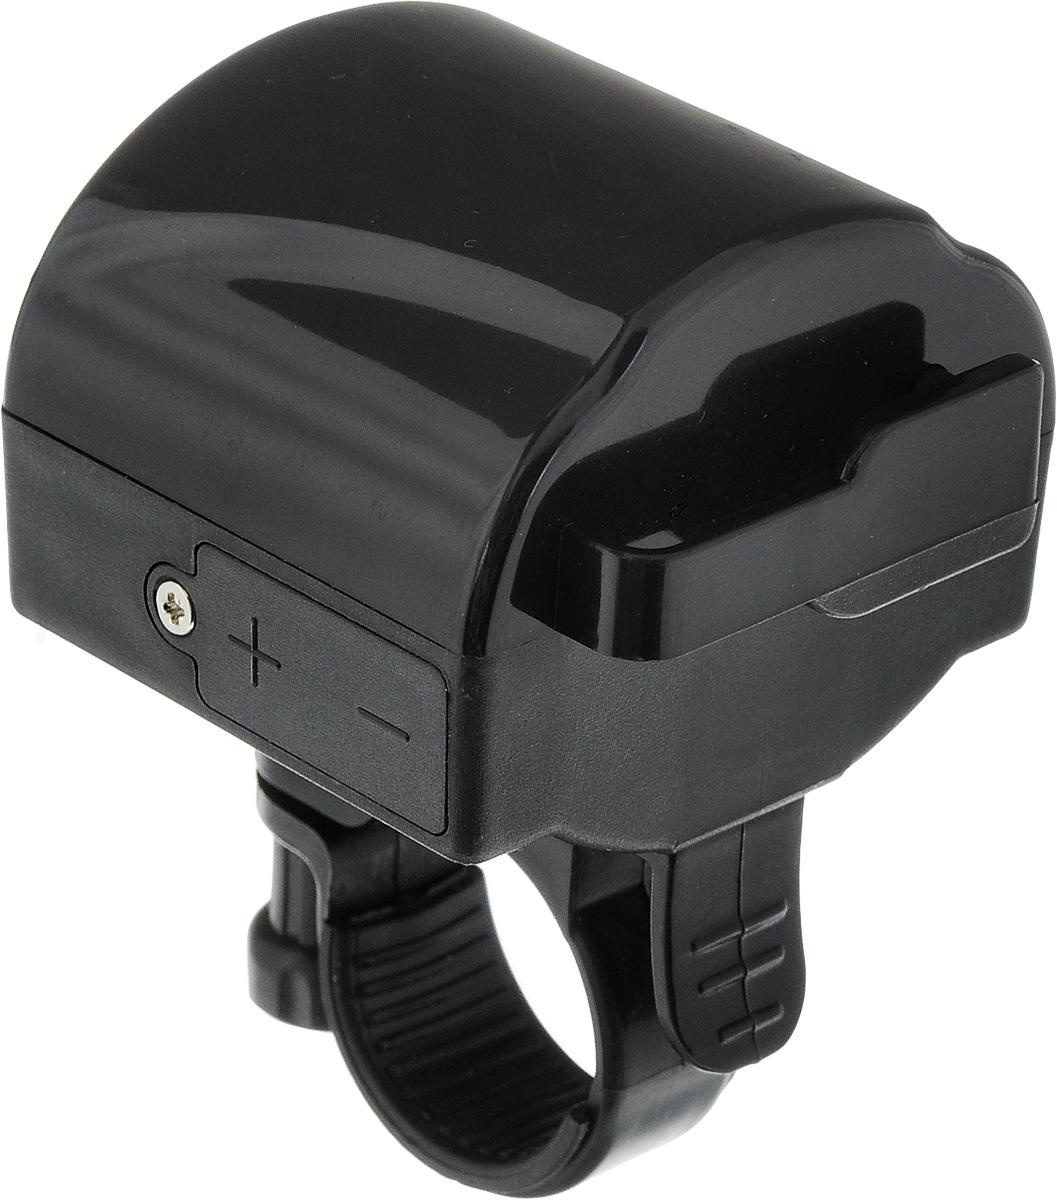 Звонок велосипедный STGZ90 blackЗвонок STG изготовлен из металла и пластика. Изделие крепится на руль велосипеда и позволяет привлечь внимание в опасных ситуациях. Оригинальный звонок сделает вашу езду безопасной. Работает от двух батареек типа ААА (входят в комплект).Размер звонка (без учета крепления): 5,5 х 5 х 4 см.